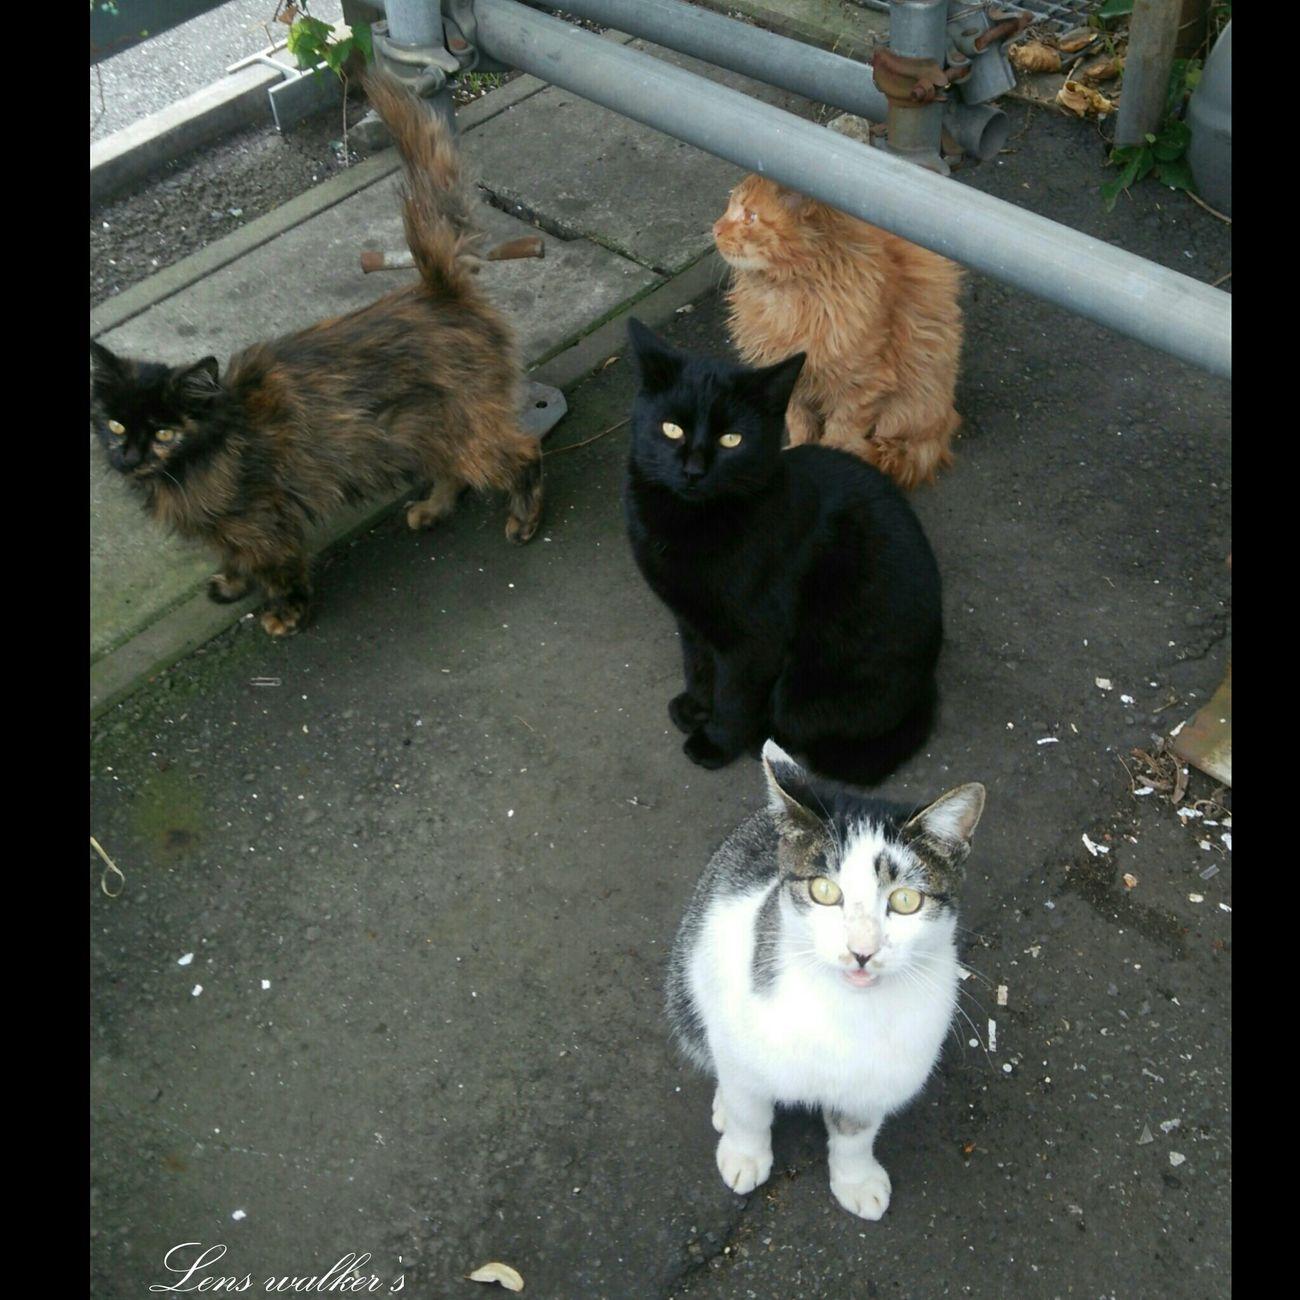 のらだよ!全員集合┐(´д`)┌ハイハイ 野良猫 Stray Cat 猫 Cat Animals 自由猫 茶トラ 7614804 サビ猫 サバトラ白